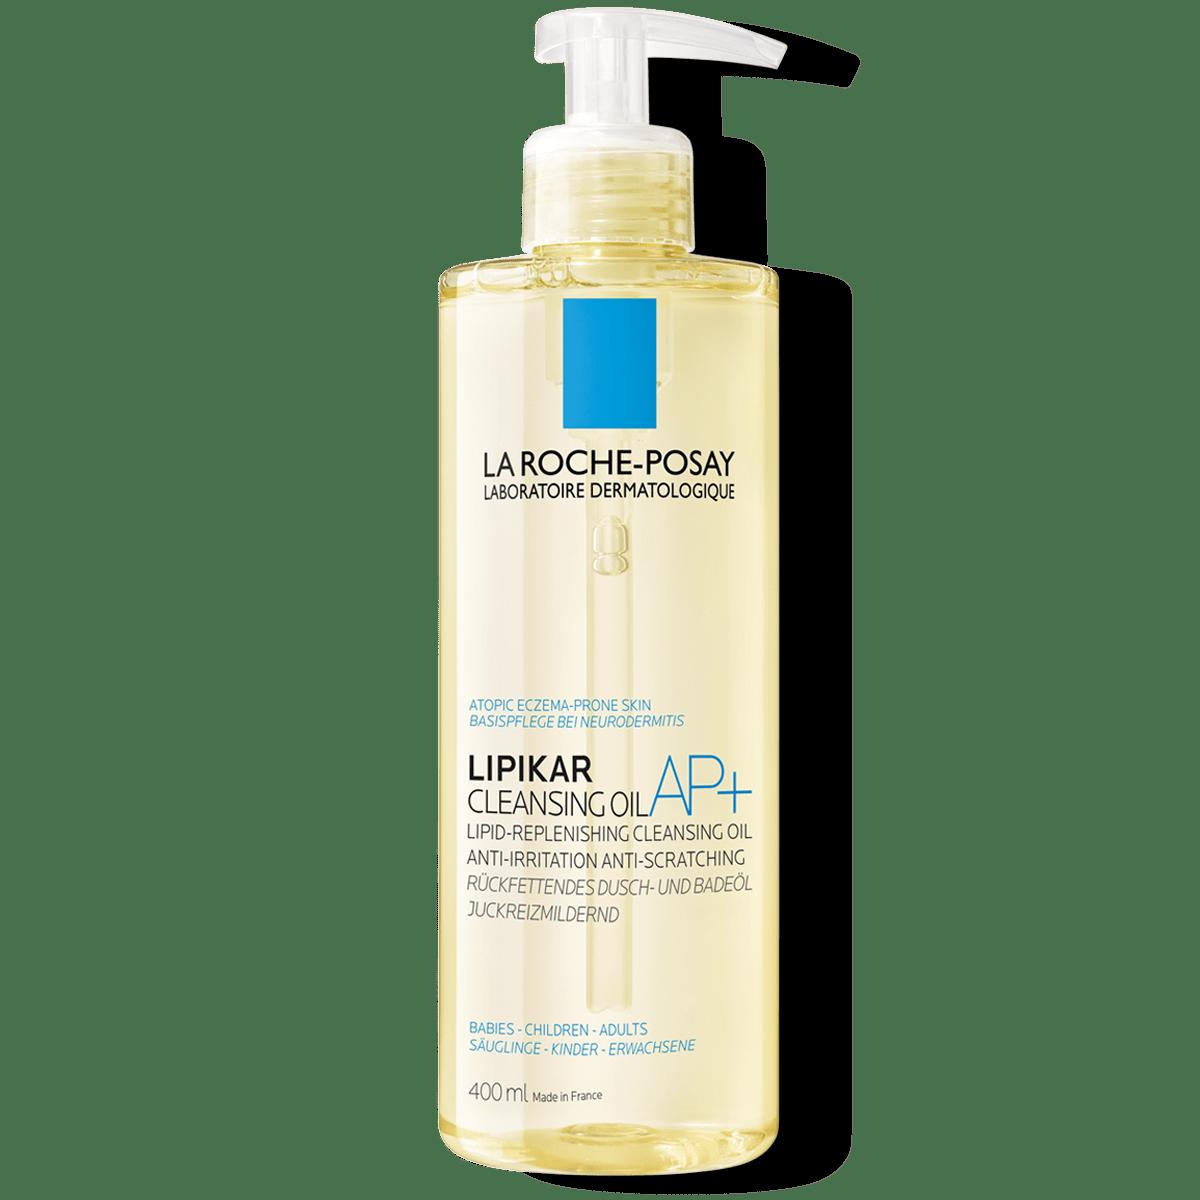 Imagem do pack do Lipikar Cleansing Oil AP+ 400ml | Lipikar | La Roche-Posay